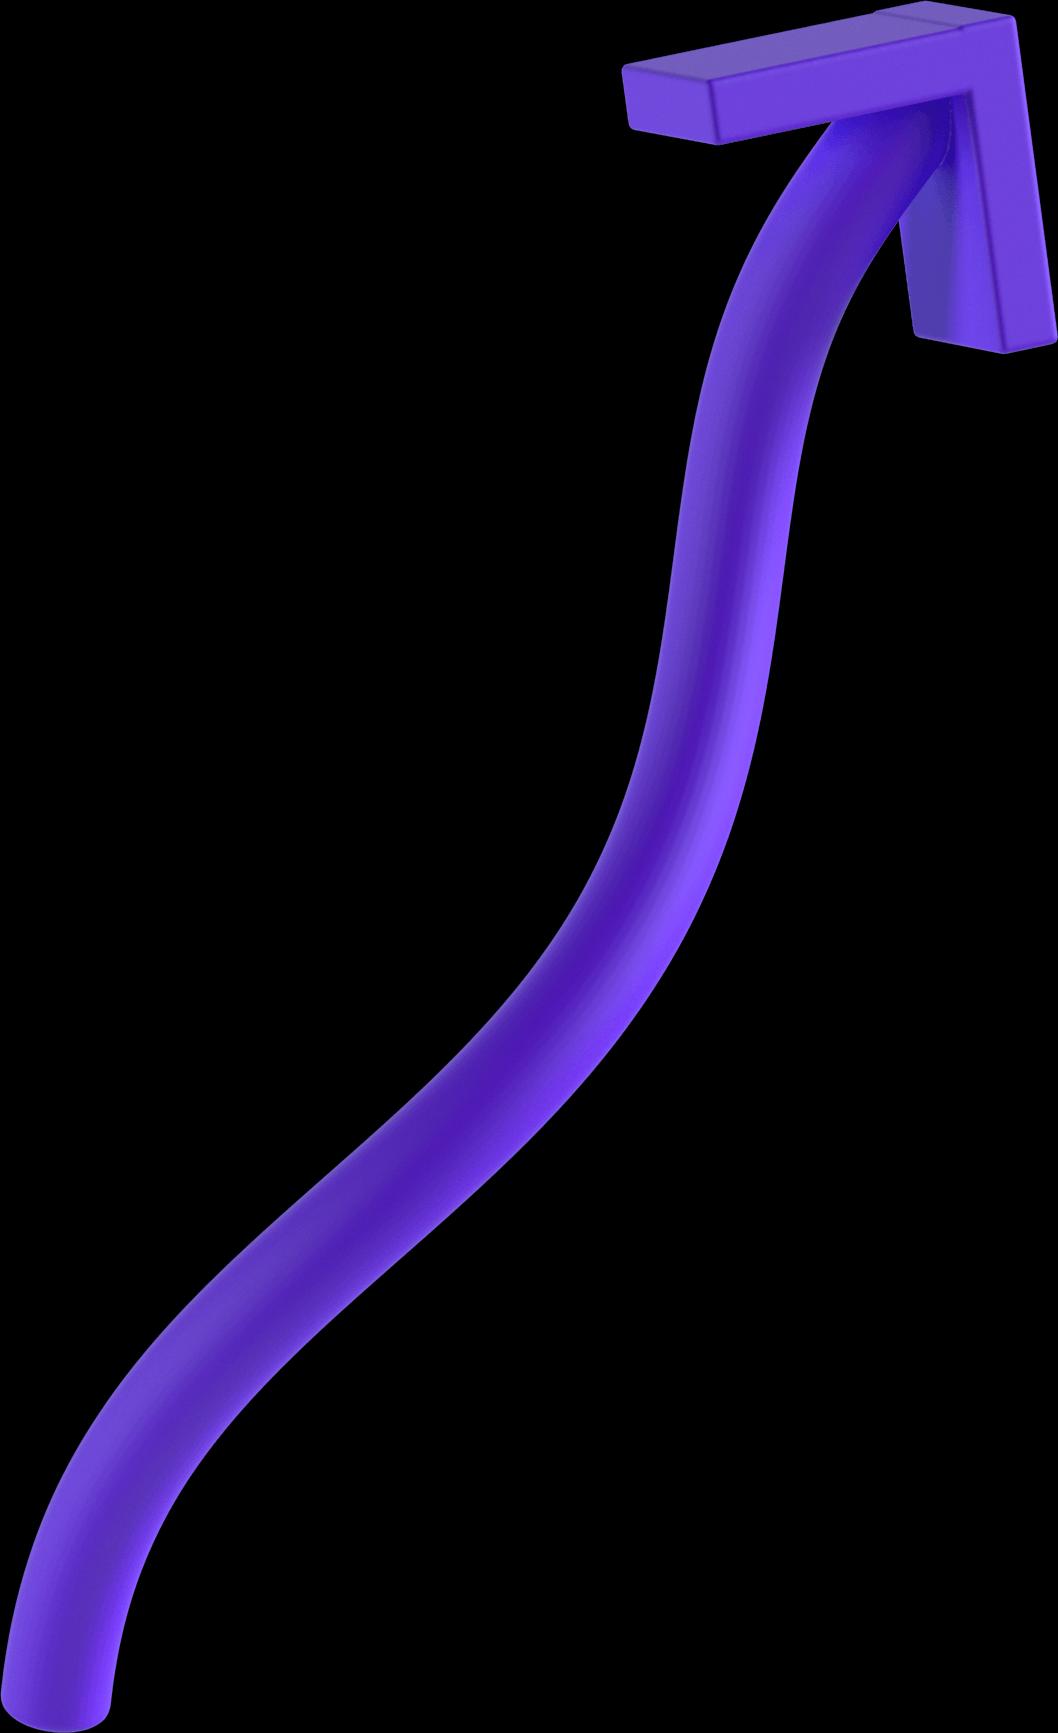 3d purple arrow